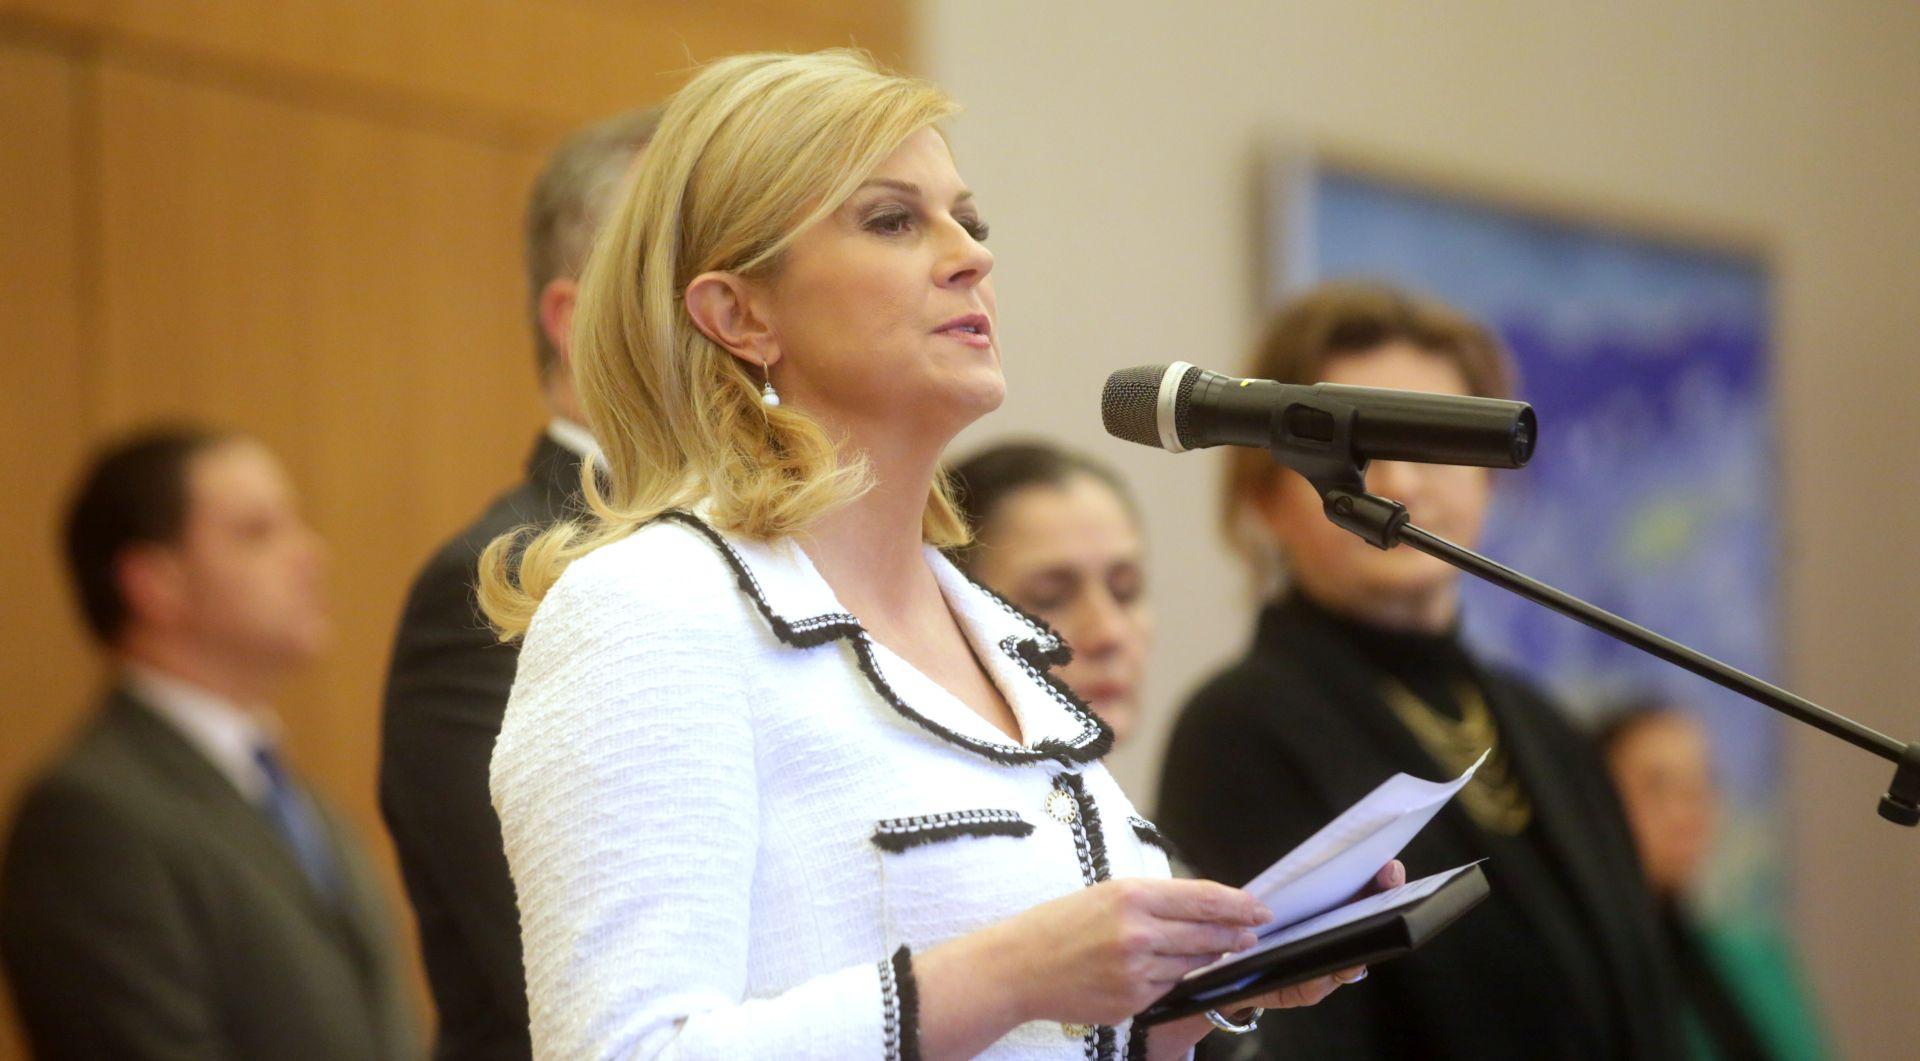 Predsjednica ne želi ni Stručića, misli da ga gura Galićev milje